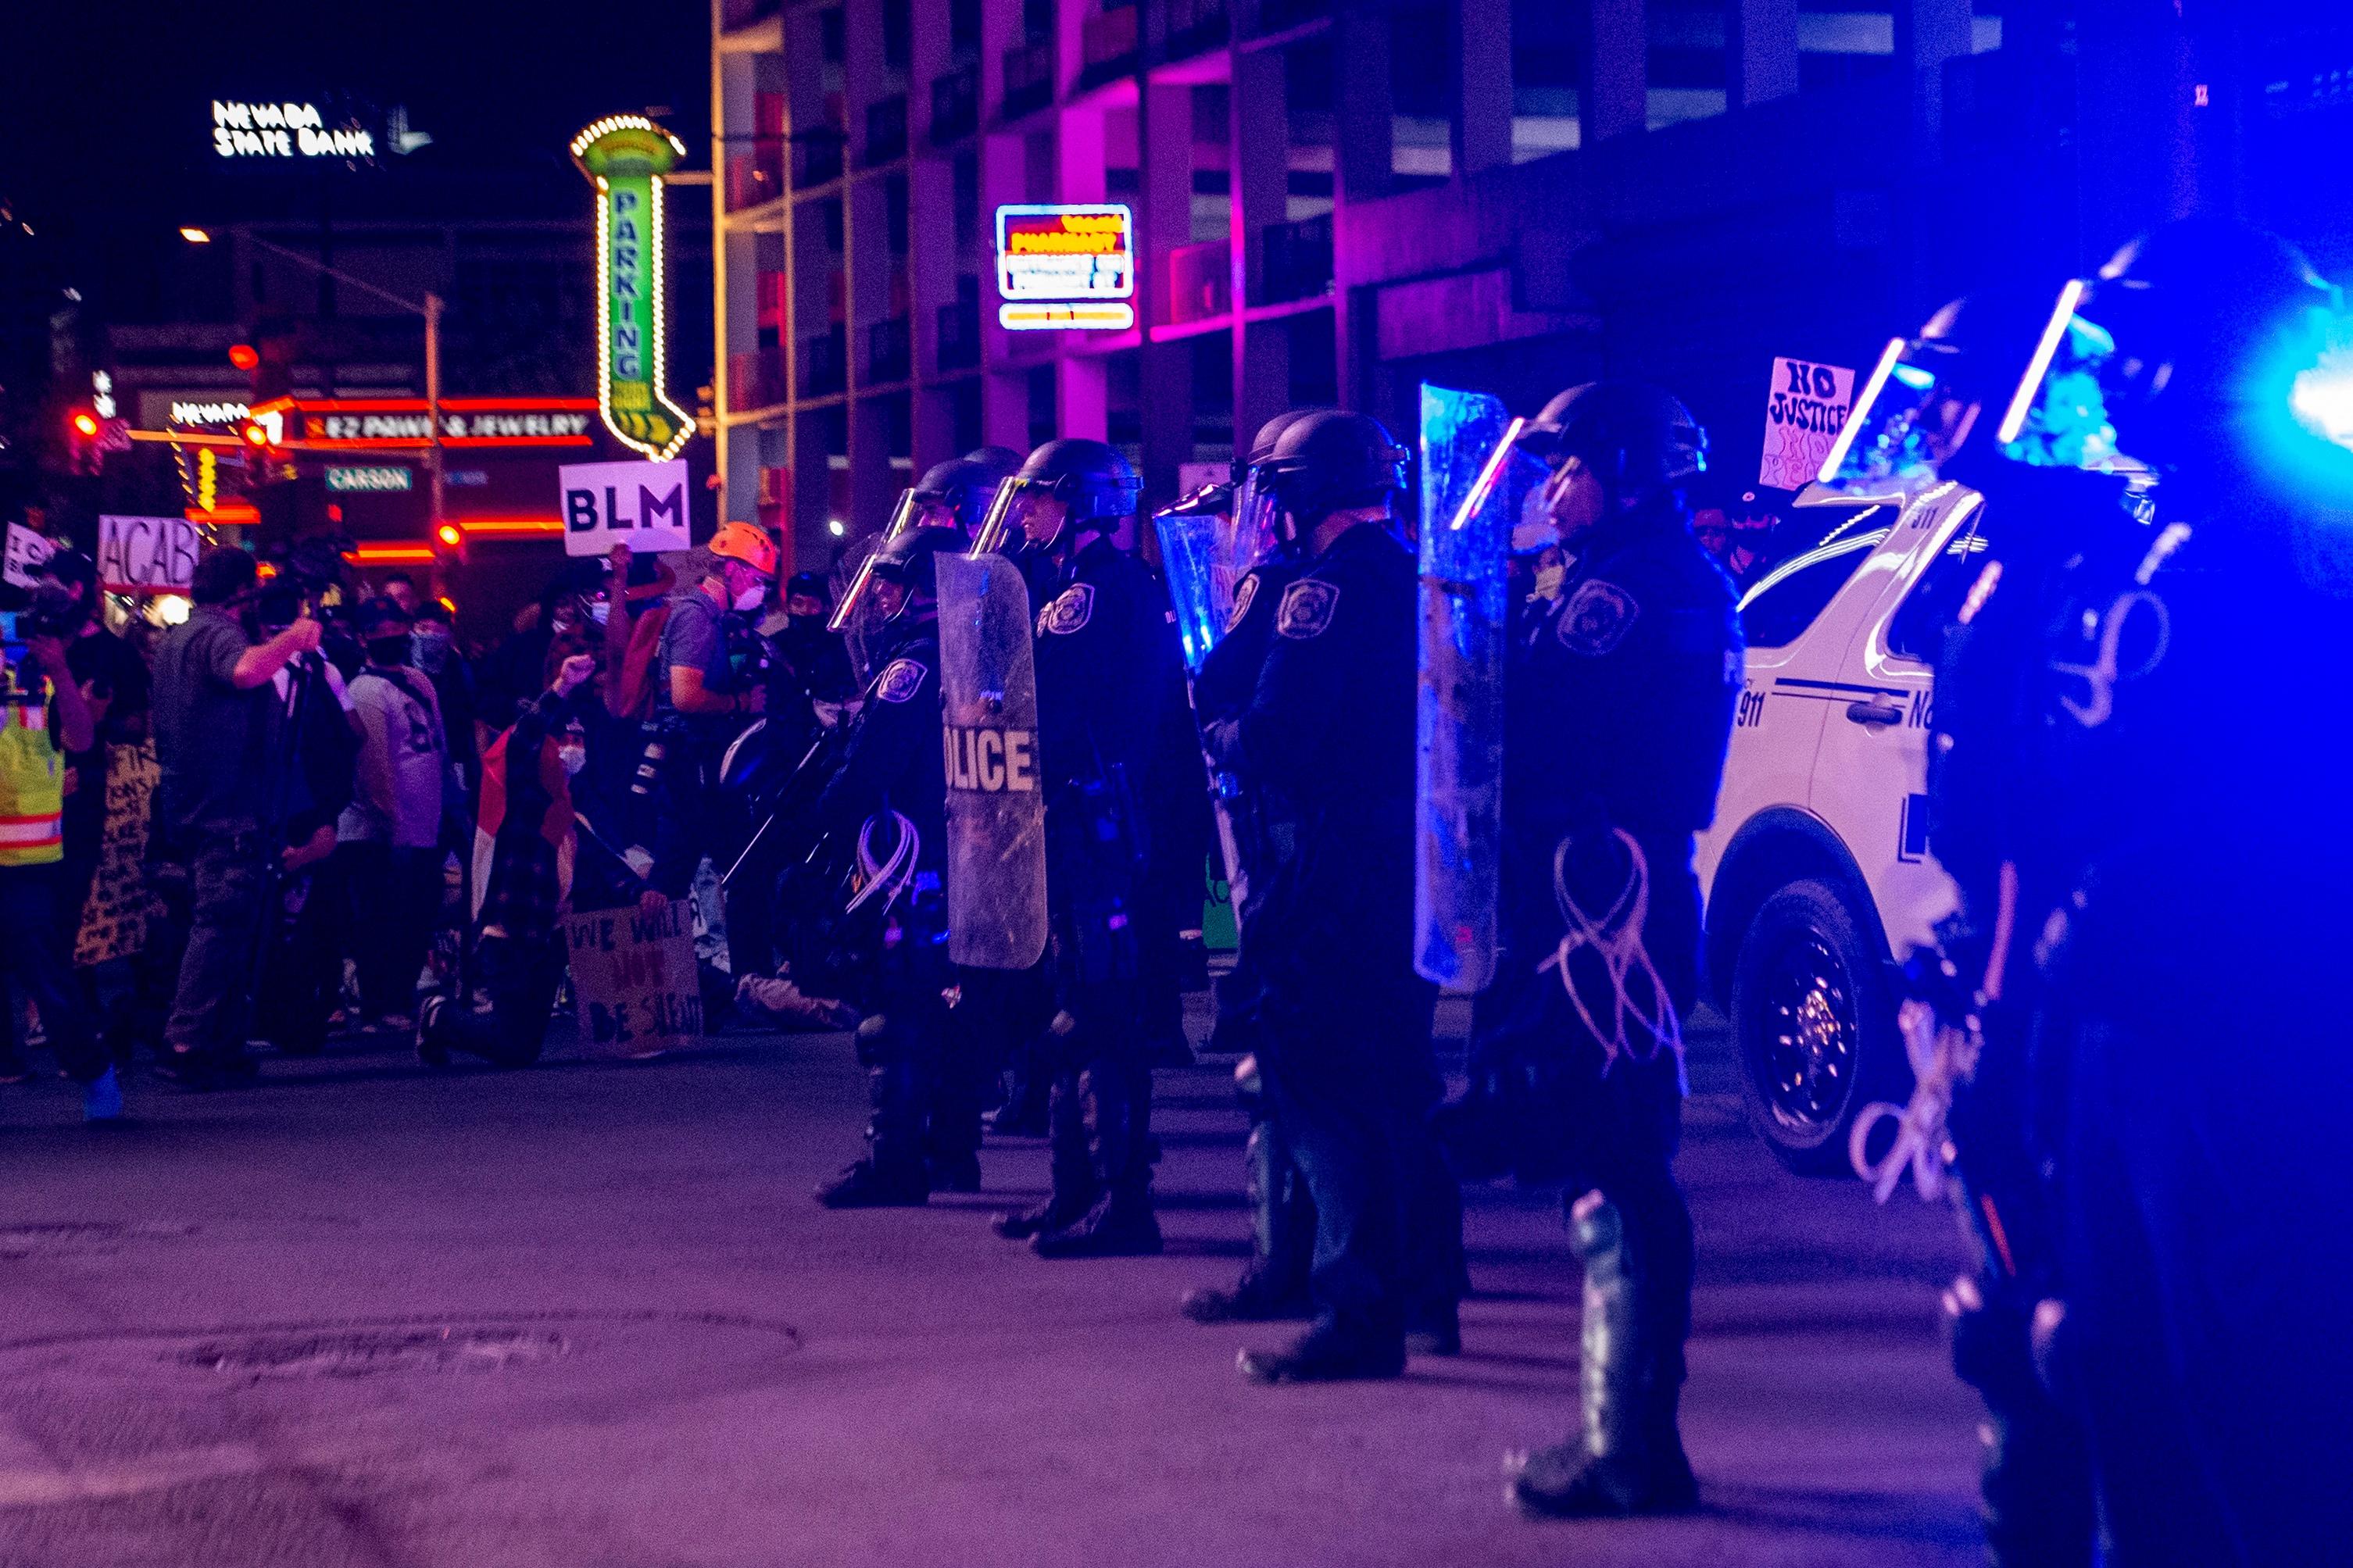 St. Louisban és Las Vegasban rendőrökre lőttek